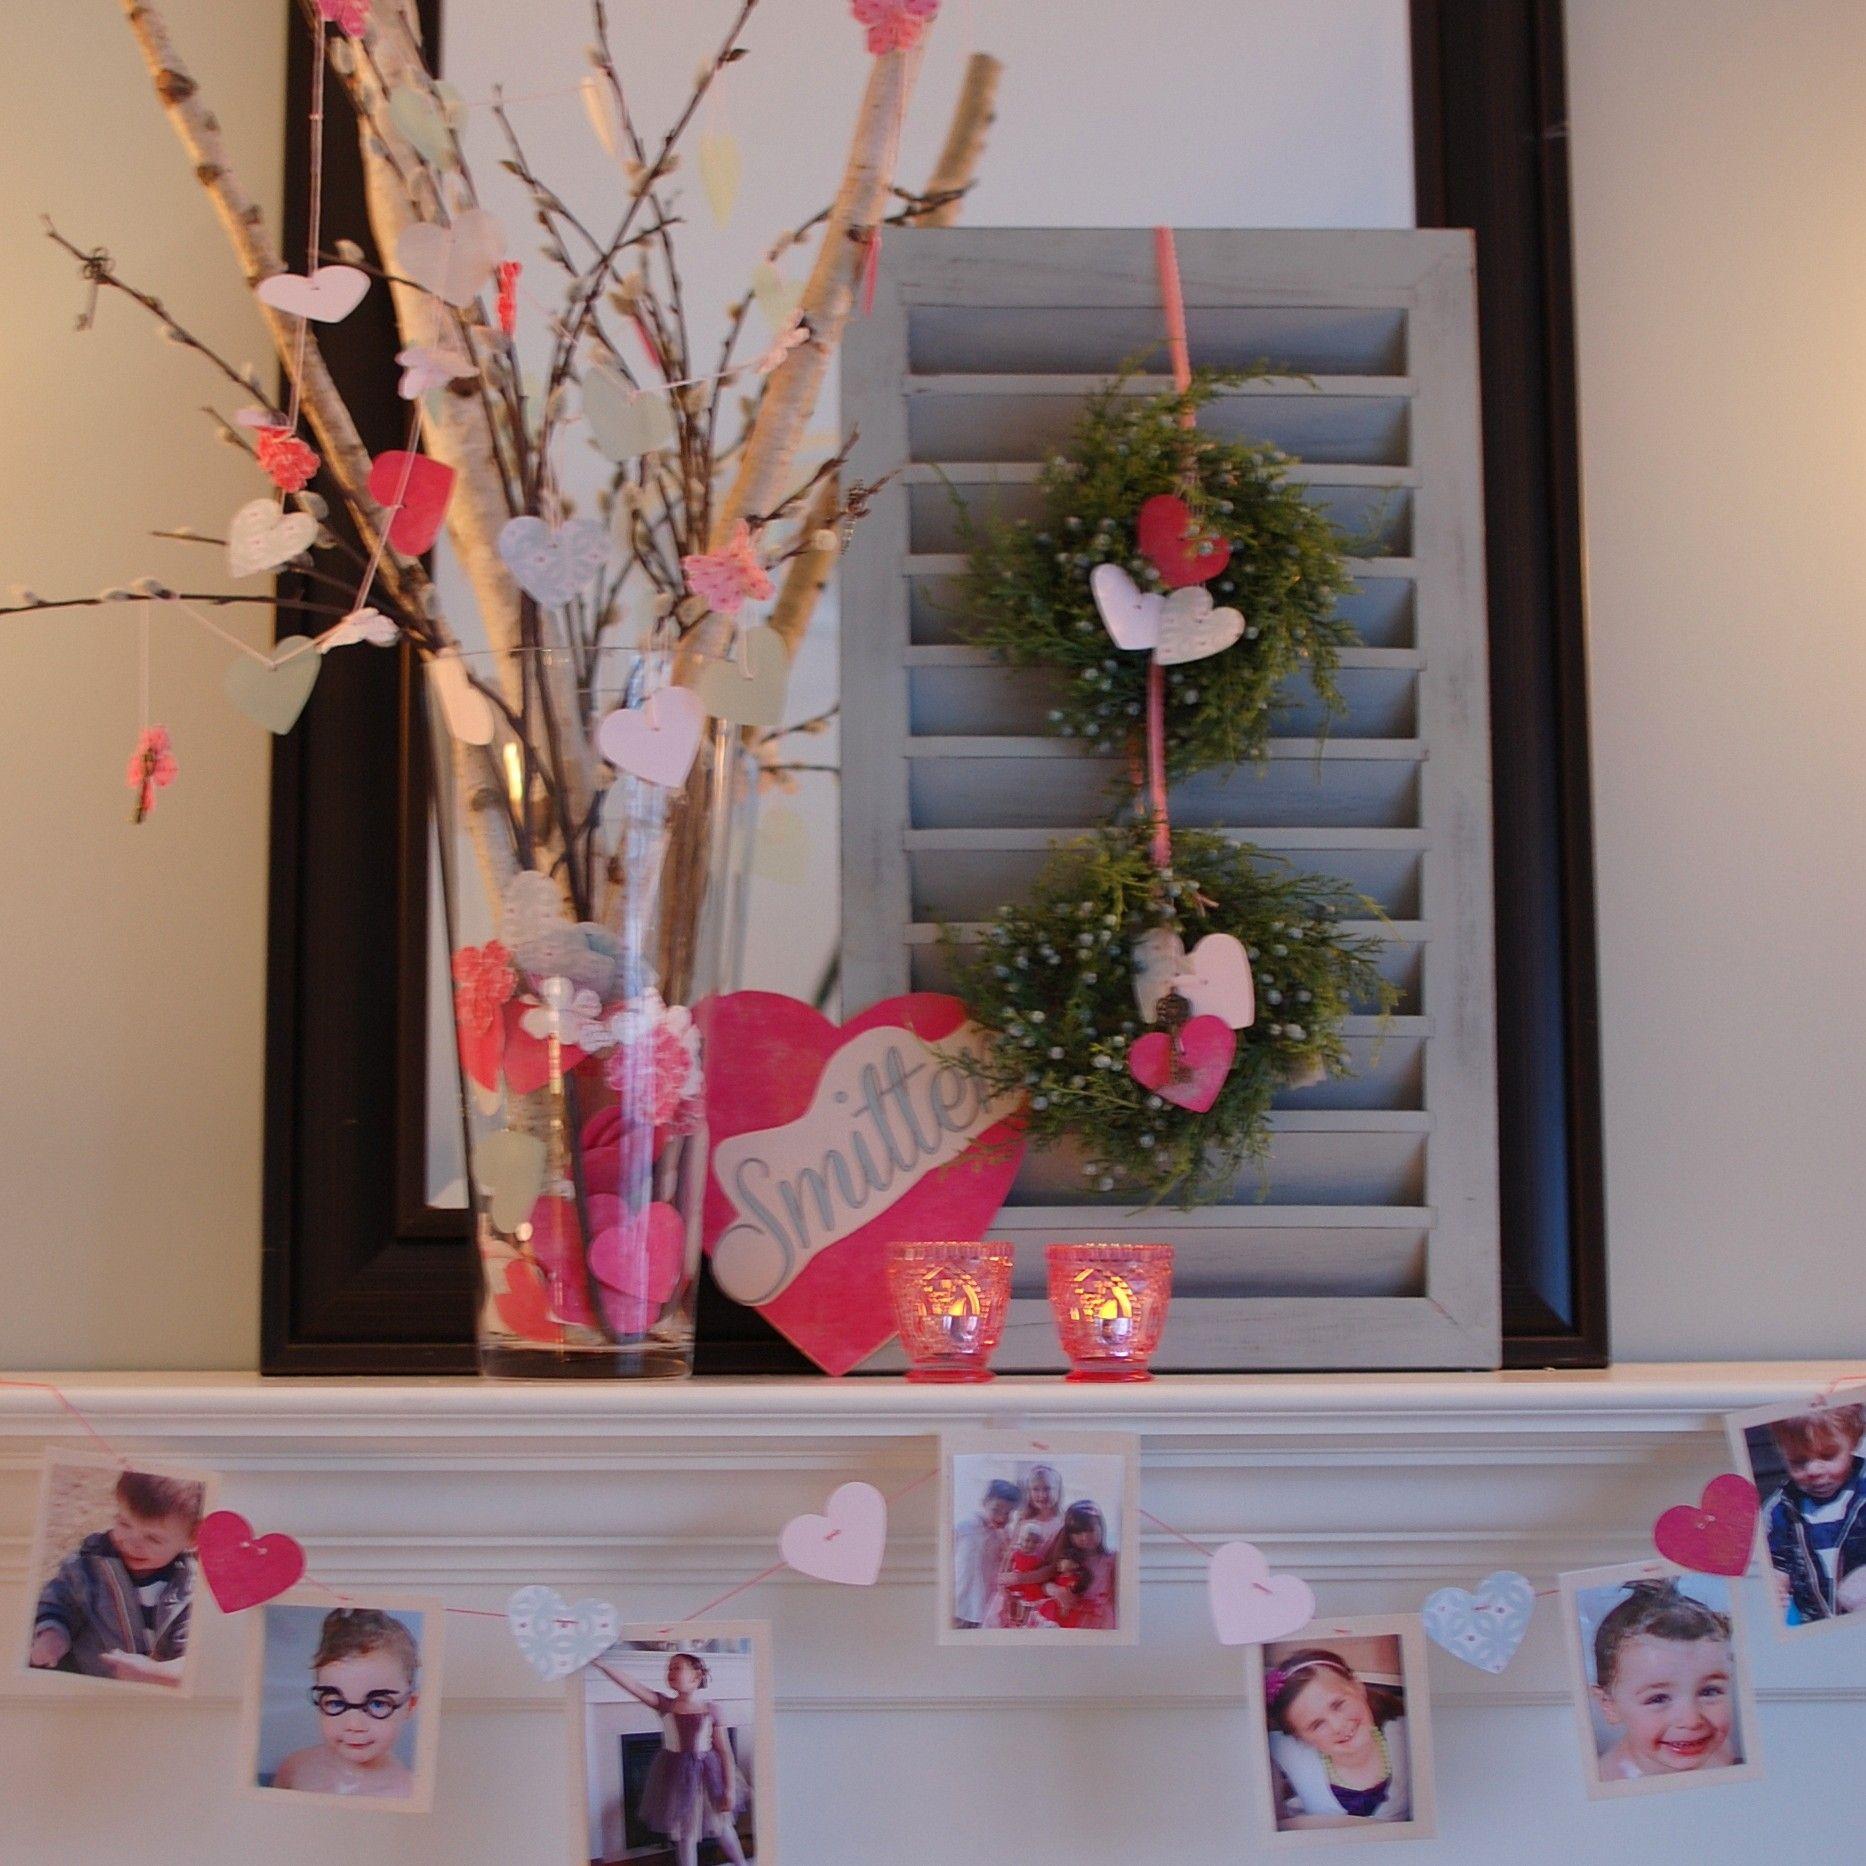 19 Lovely Valentine Fireplace Mantel Decorating Ideas Godfather Style Valentine Tree Mantel Decorations Valentine Decorations